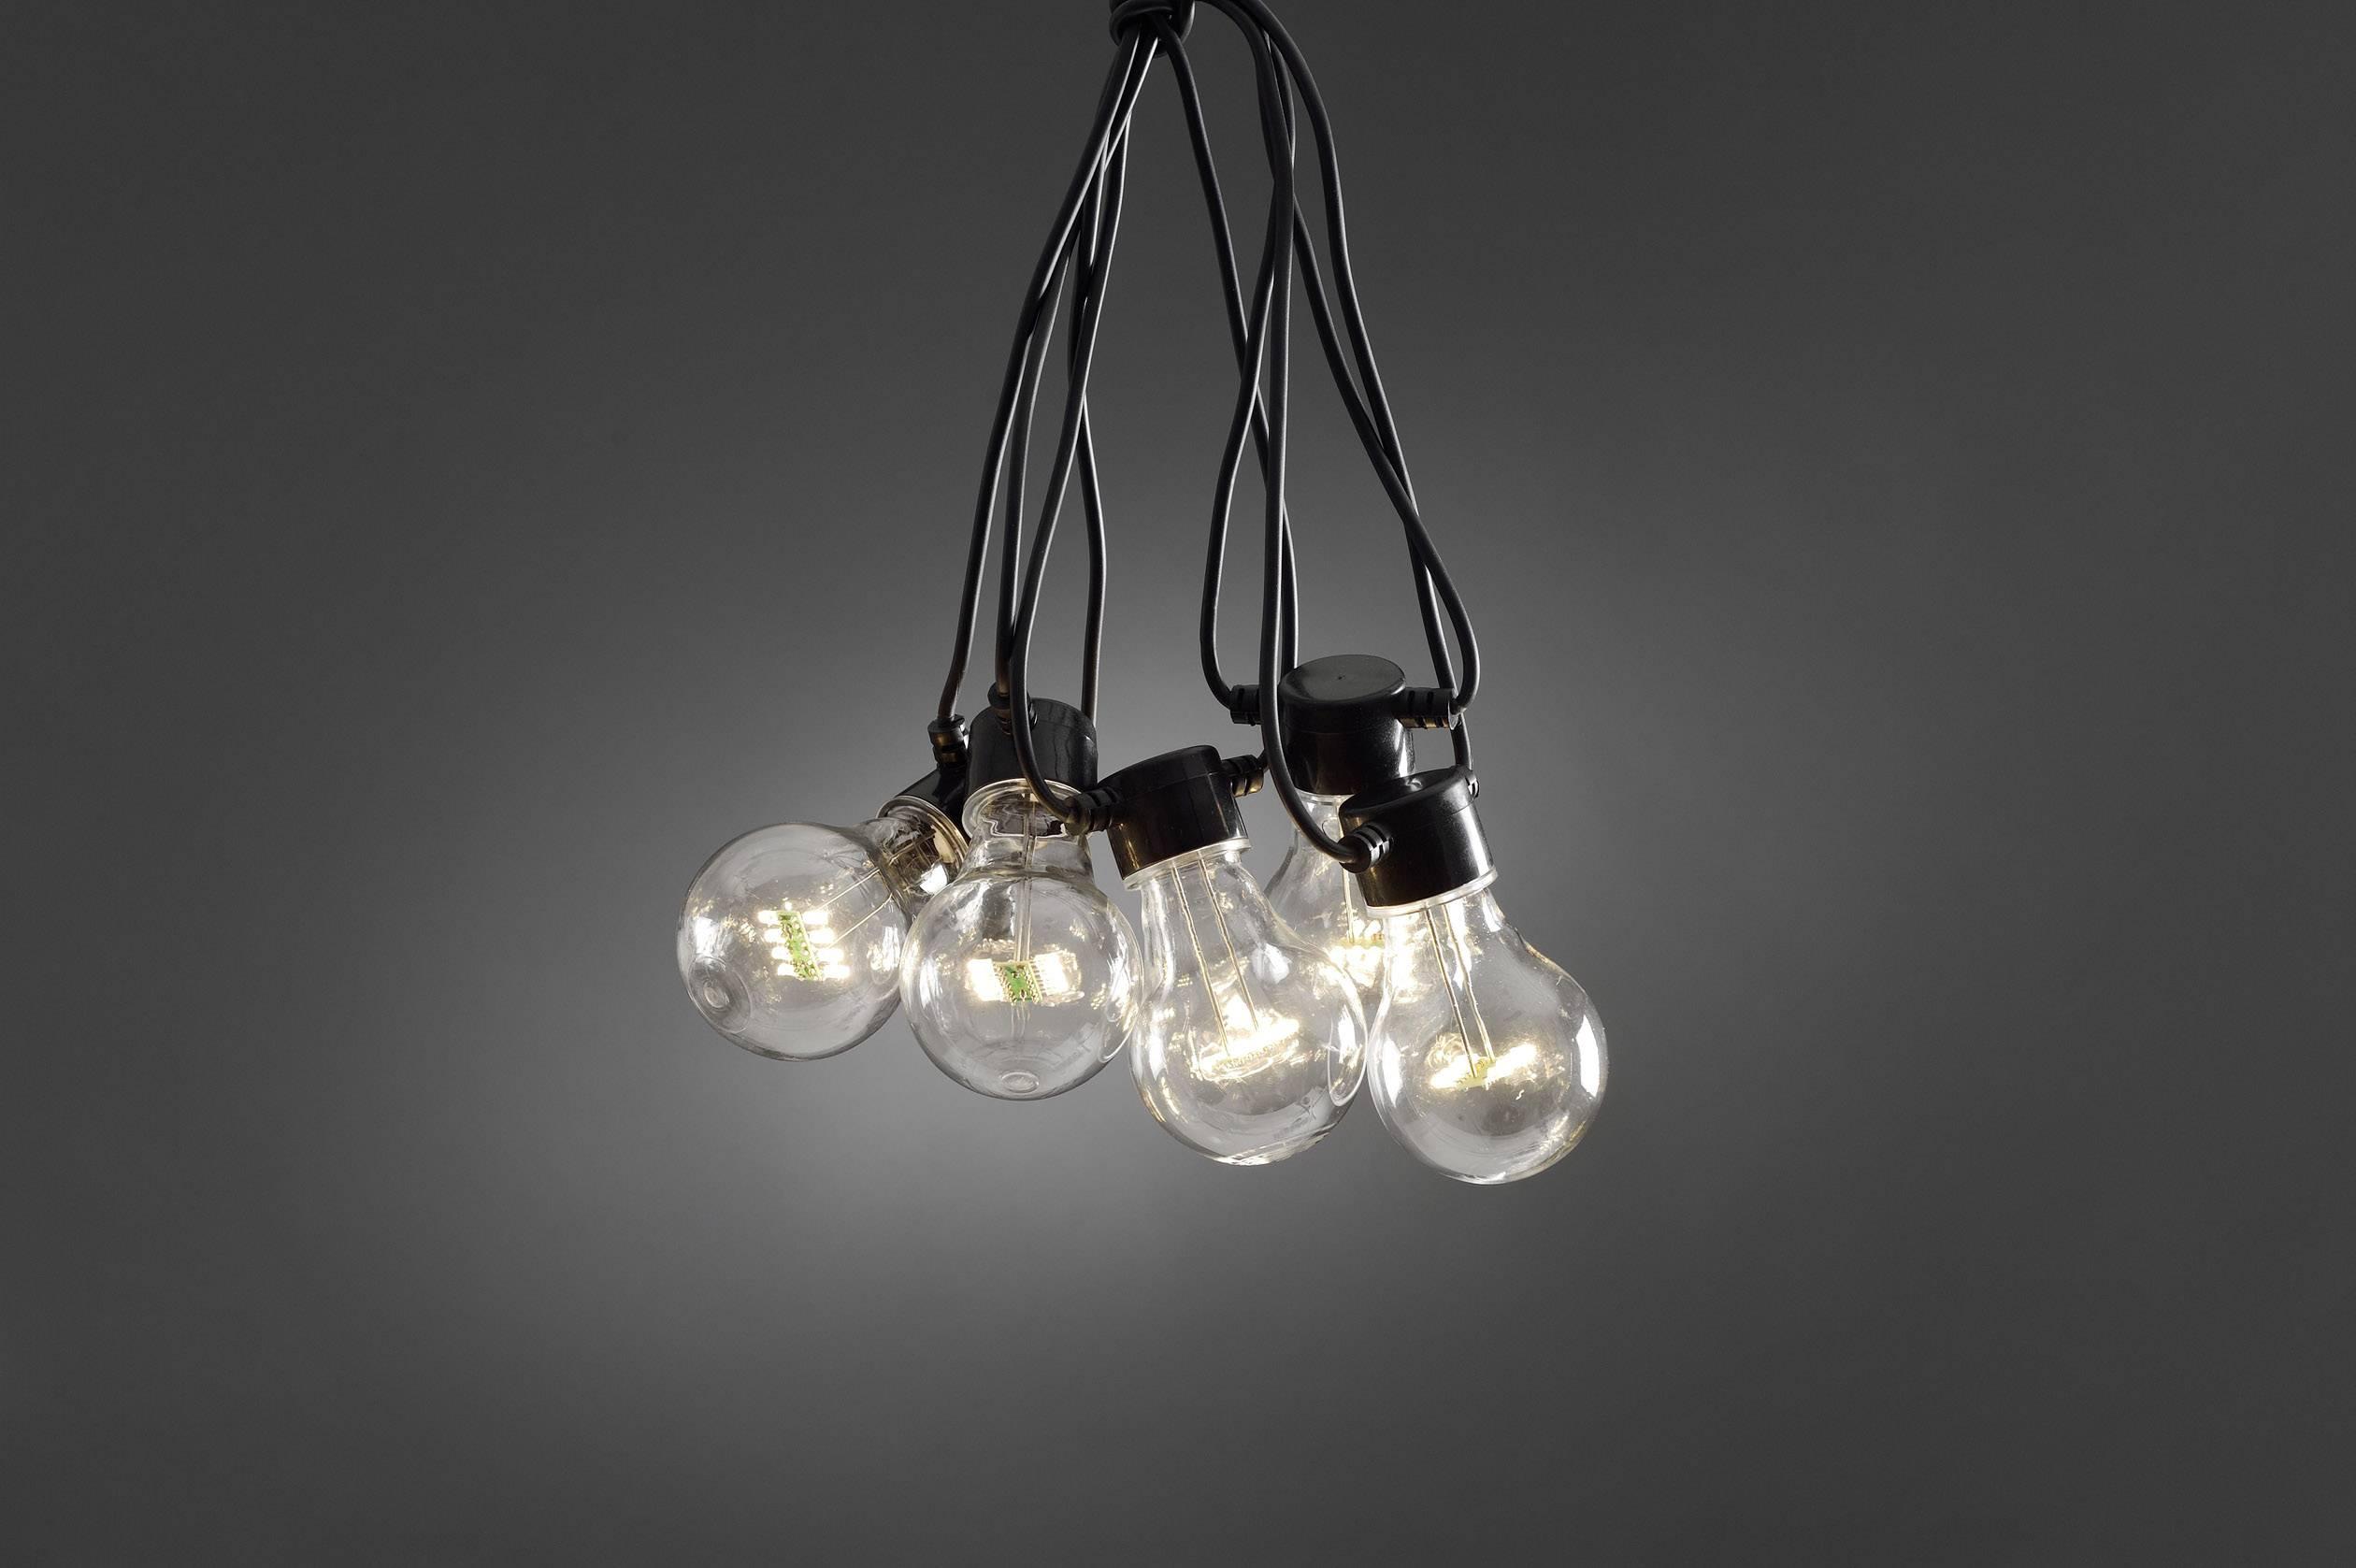 LED světelný řetěz 24 V čirá Konstsmide